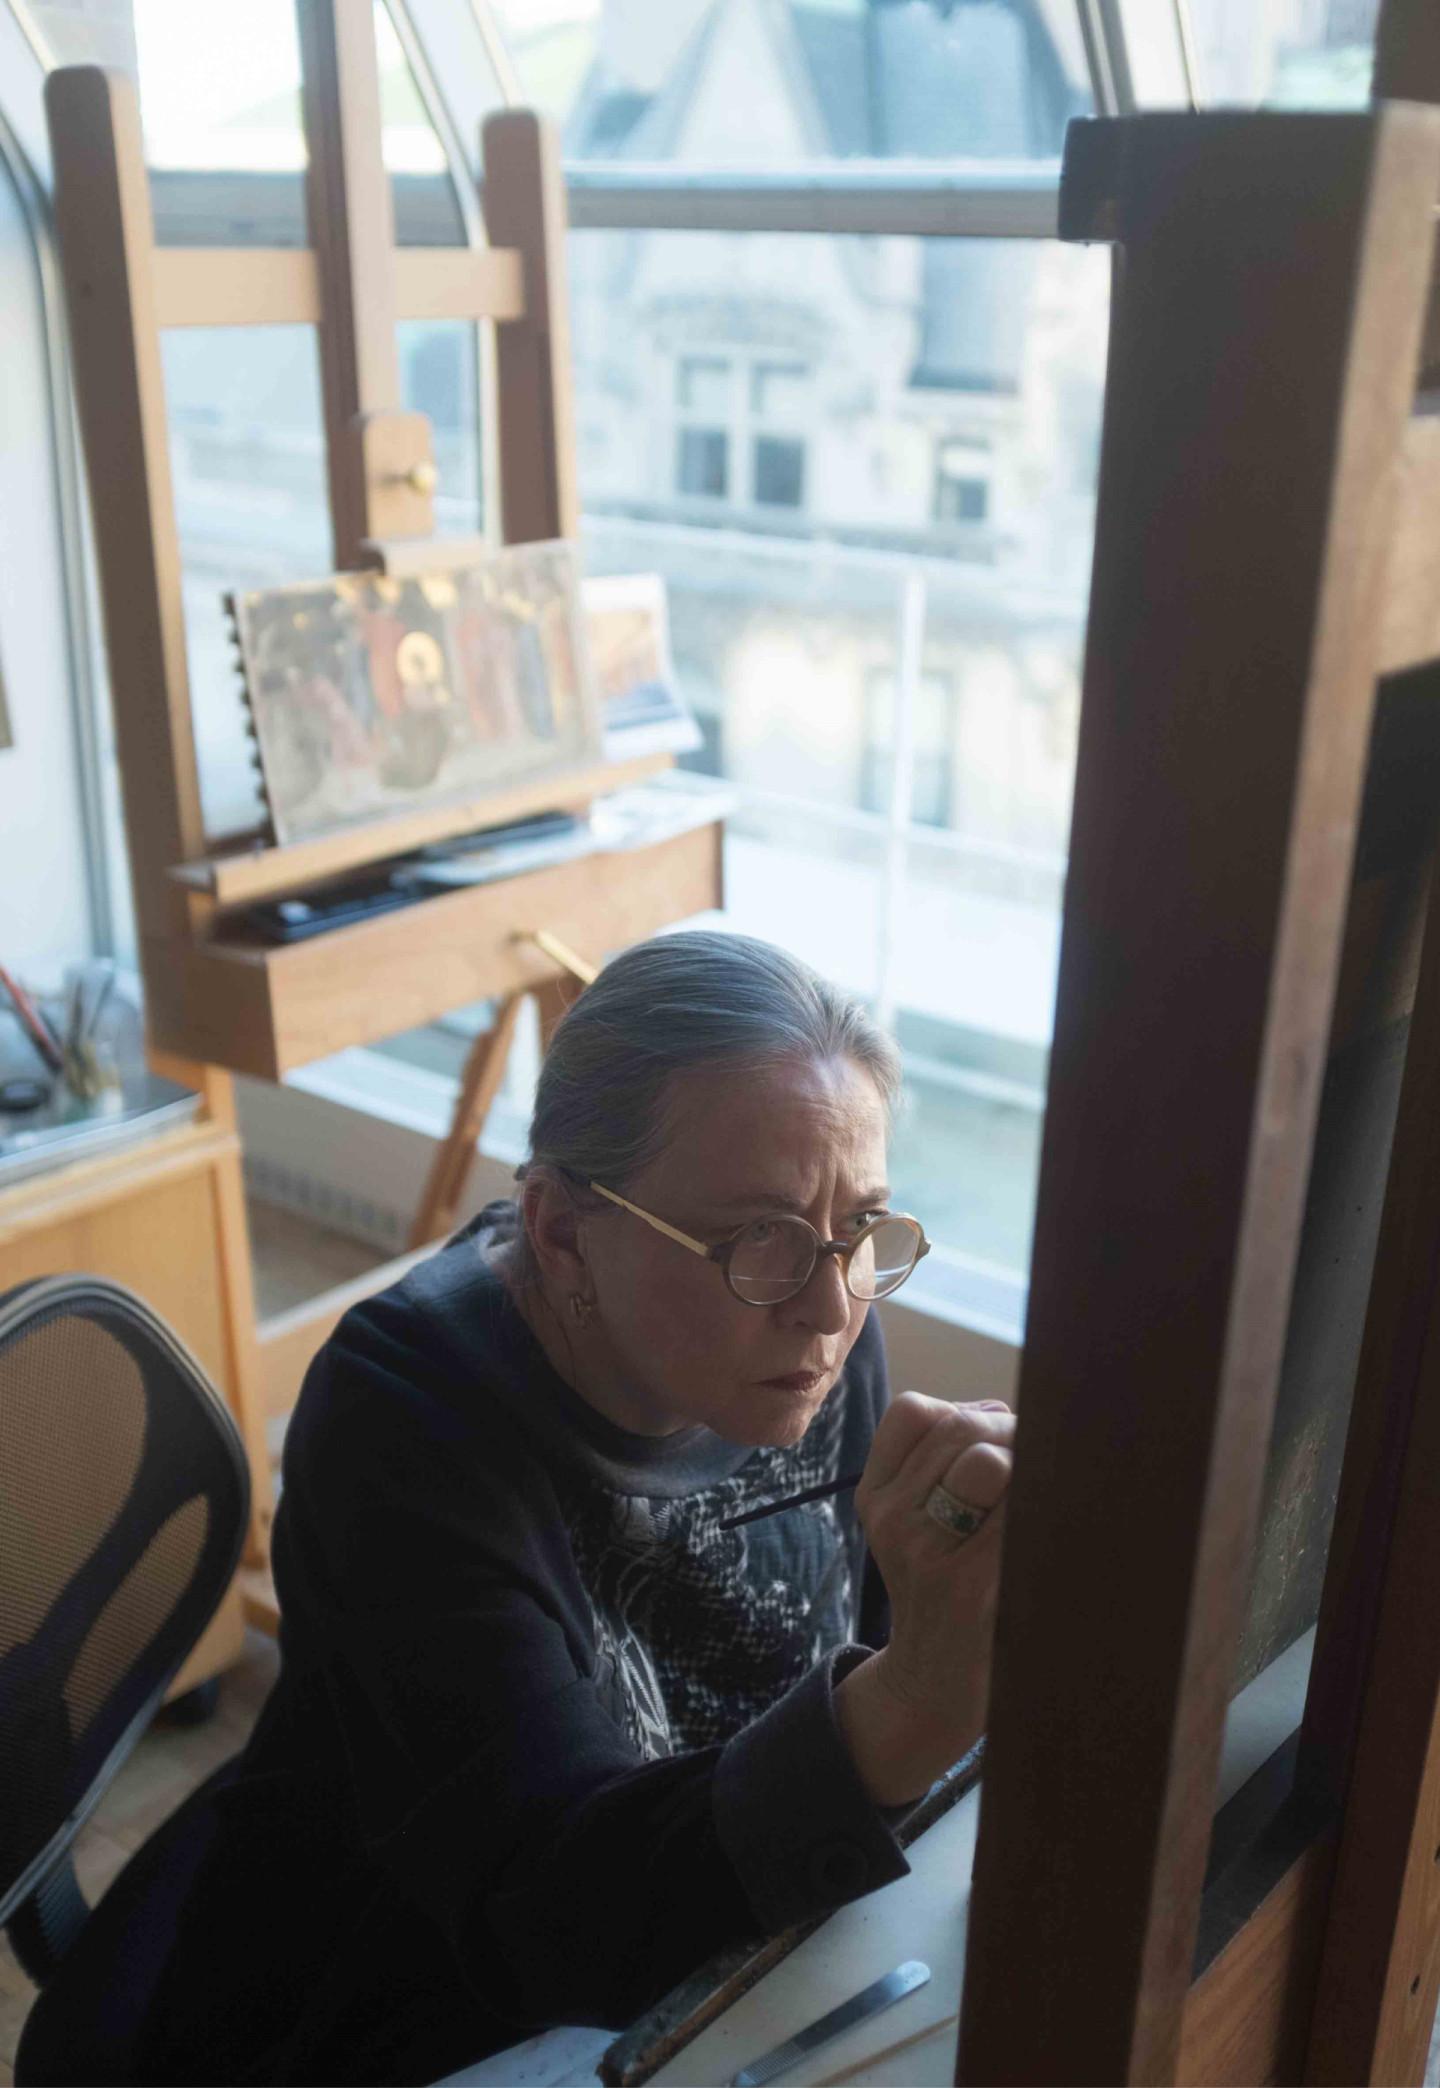 Реставратор Диана Модестини, профессор Нью-Йоркского института изобразительных искусств